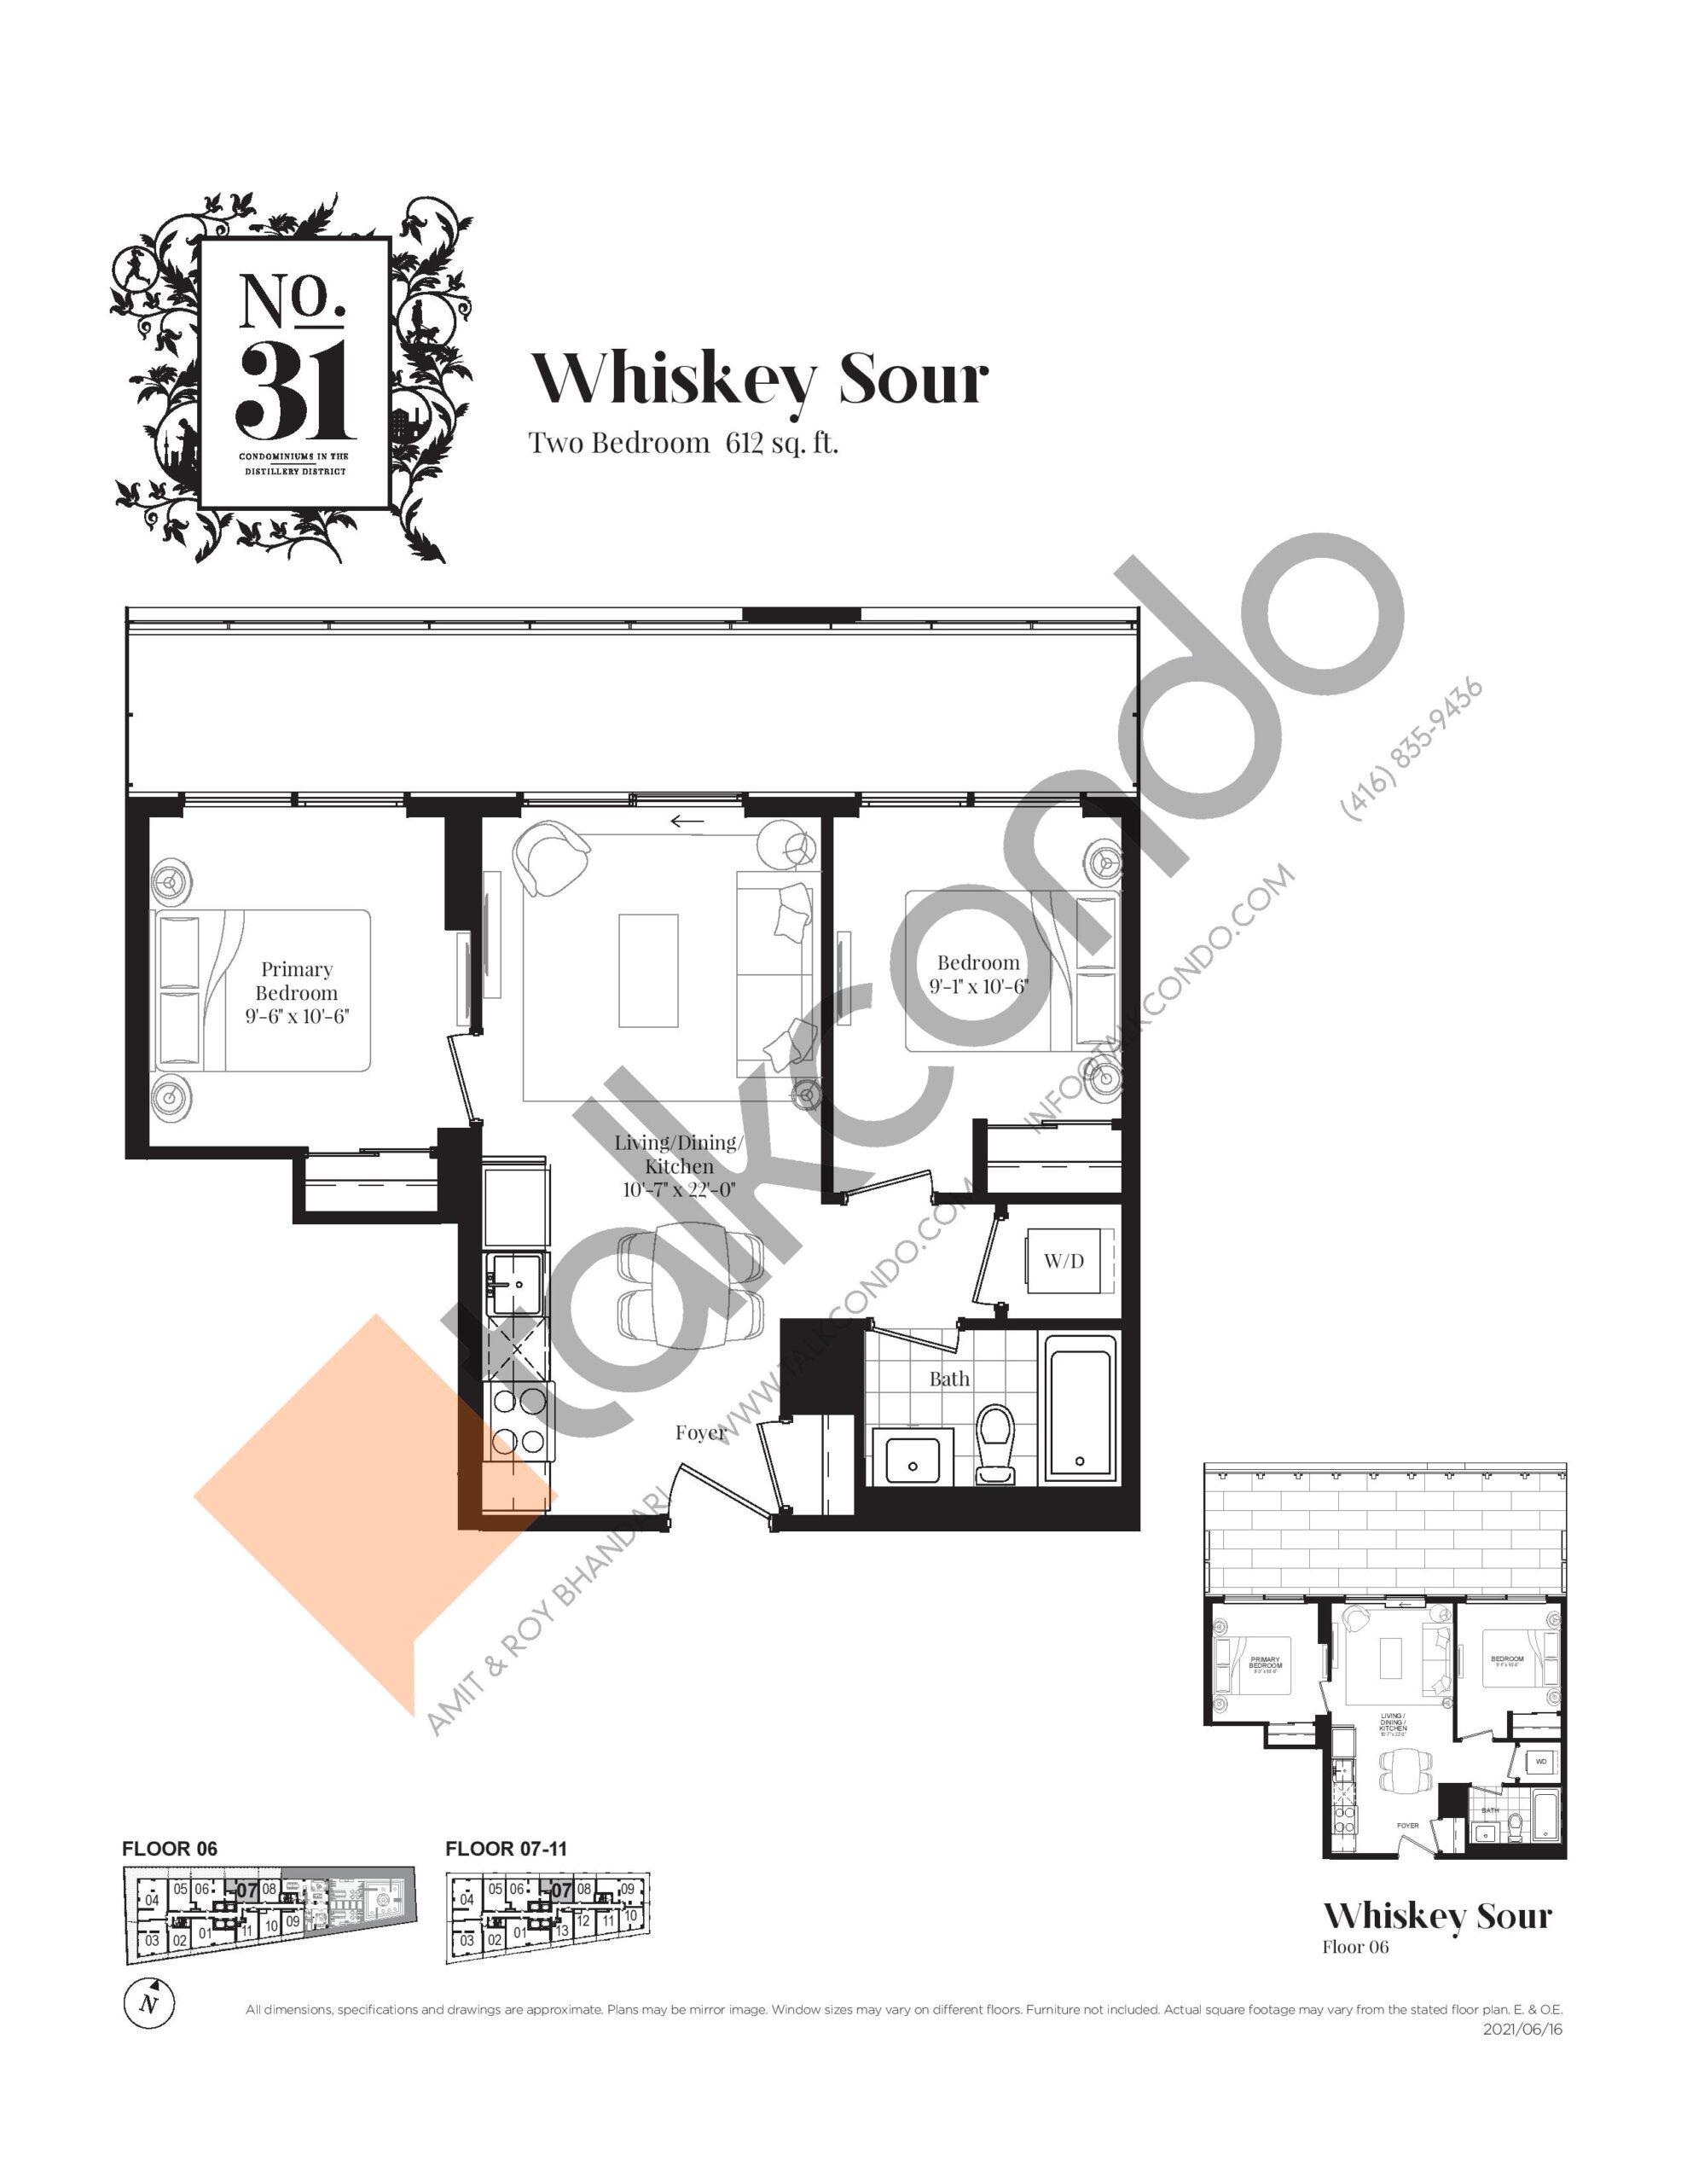 Whiskey Sour Floor Plan at No. 31 Condos - 612 sq.ft